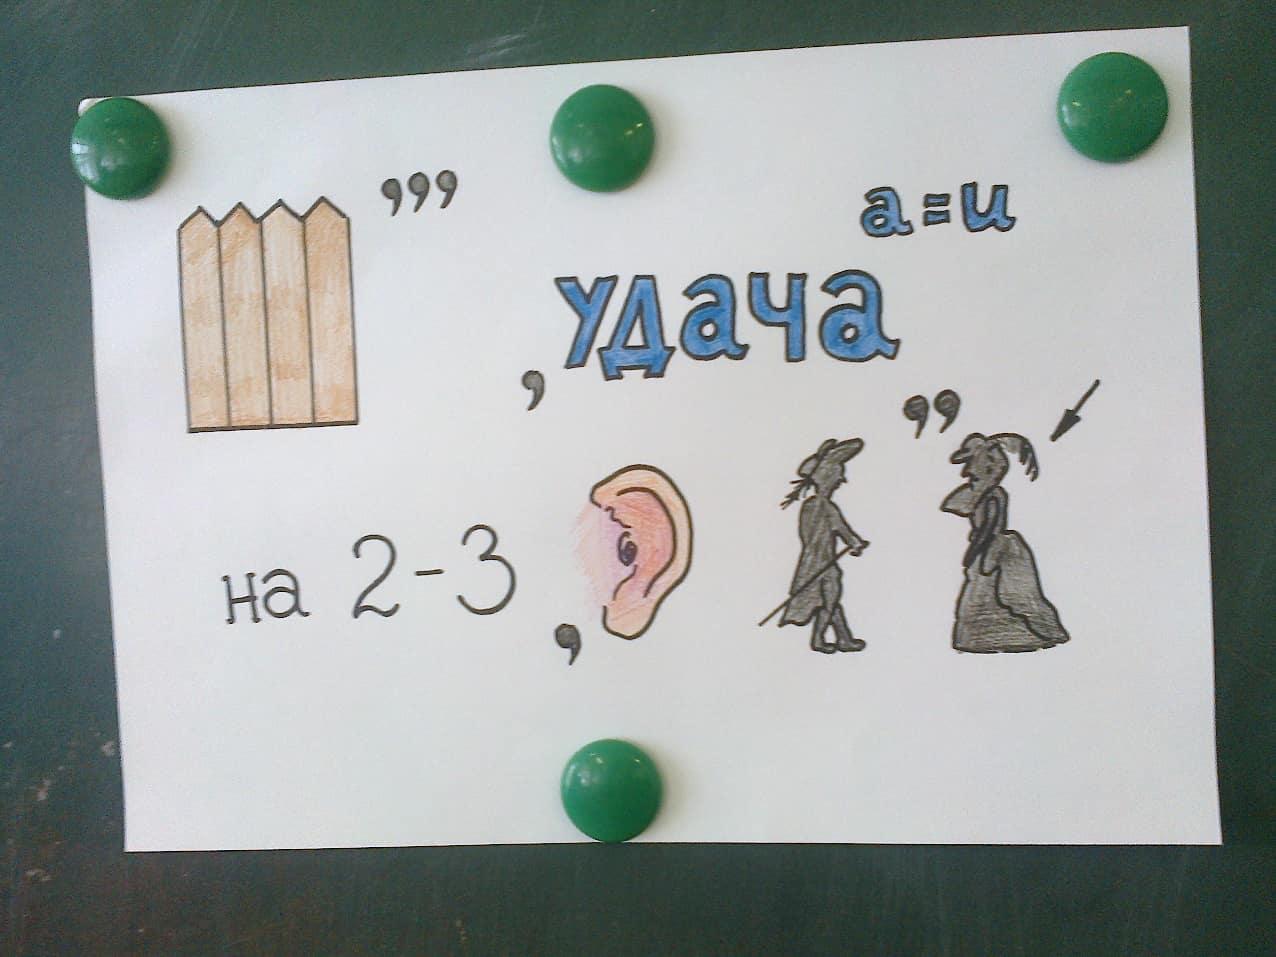 Конспект учебного занятия для 5-7 классов «Шашки. Решение задач в 2 – 3 хода»